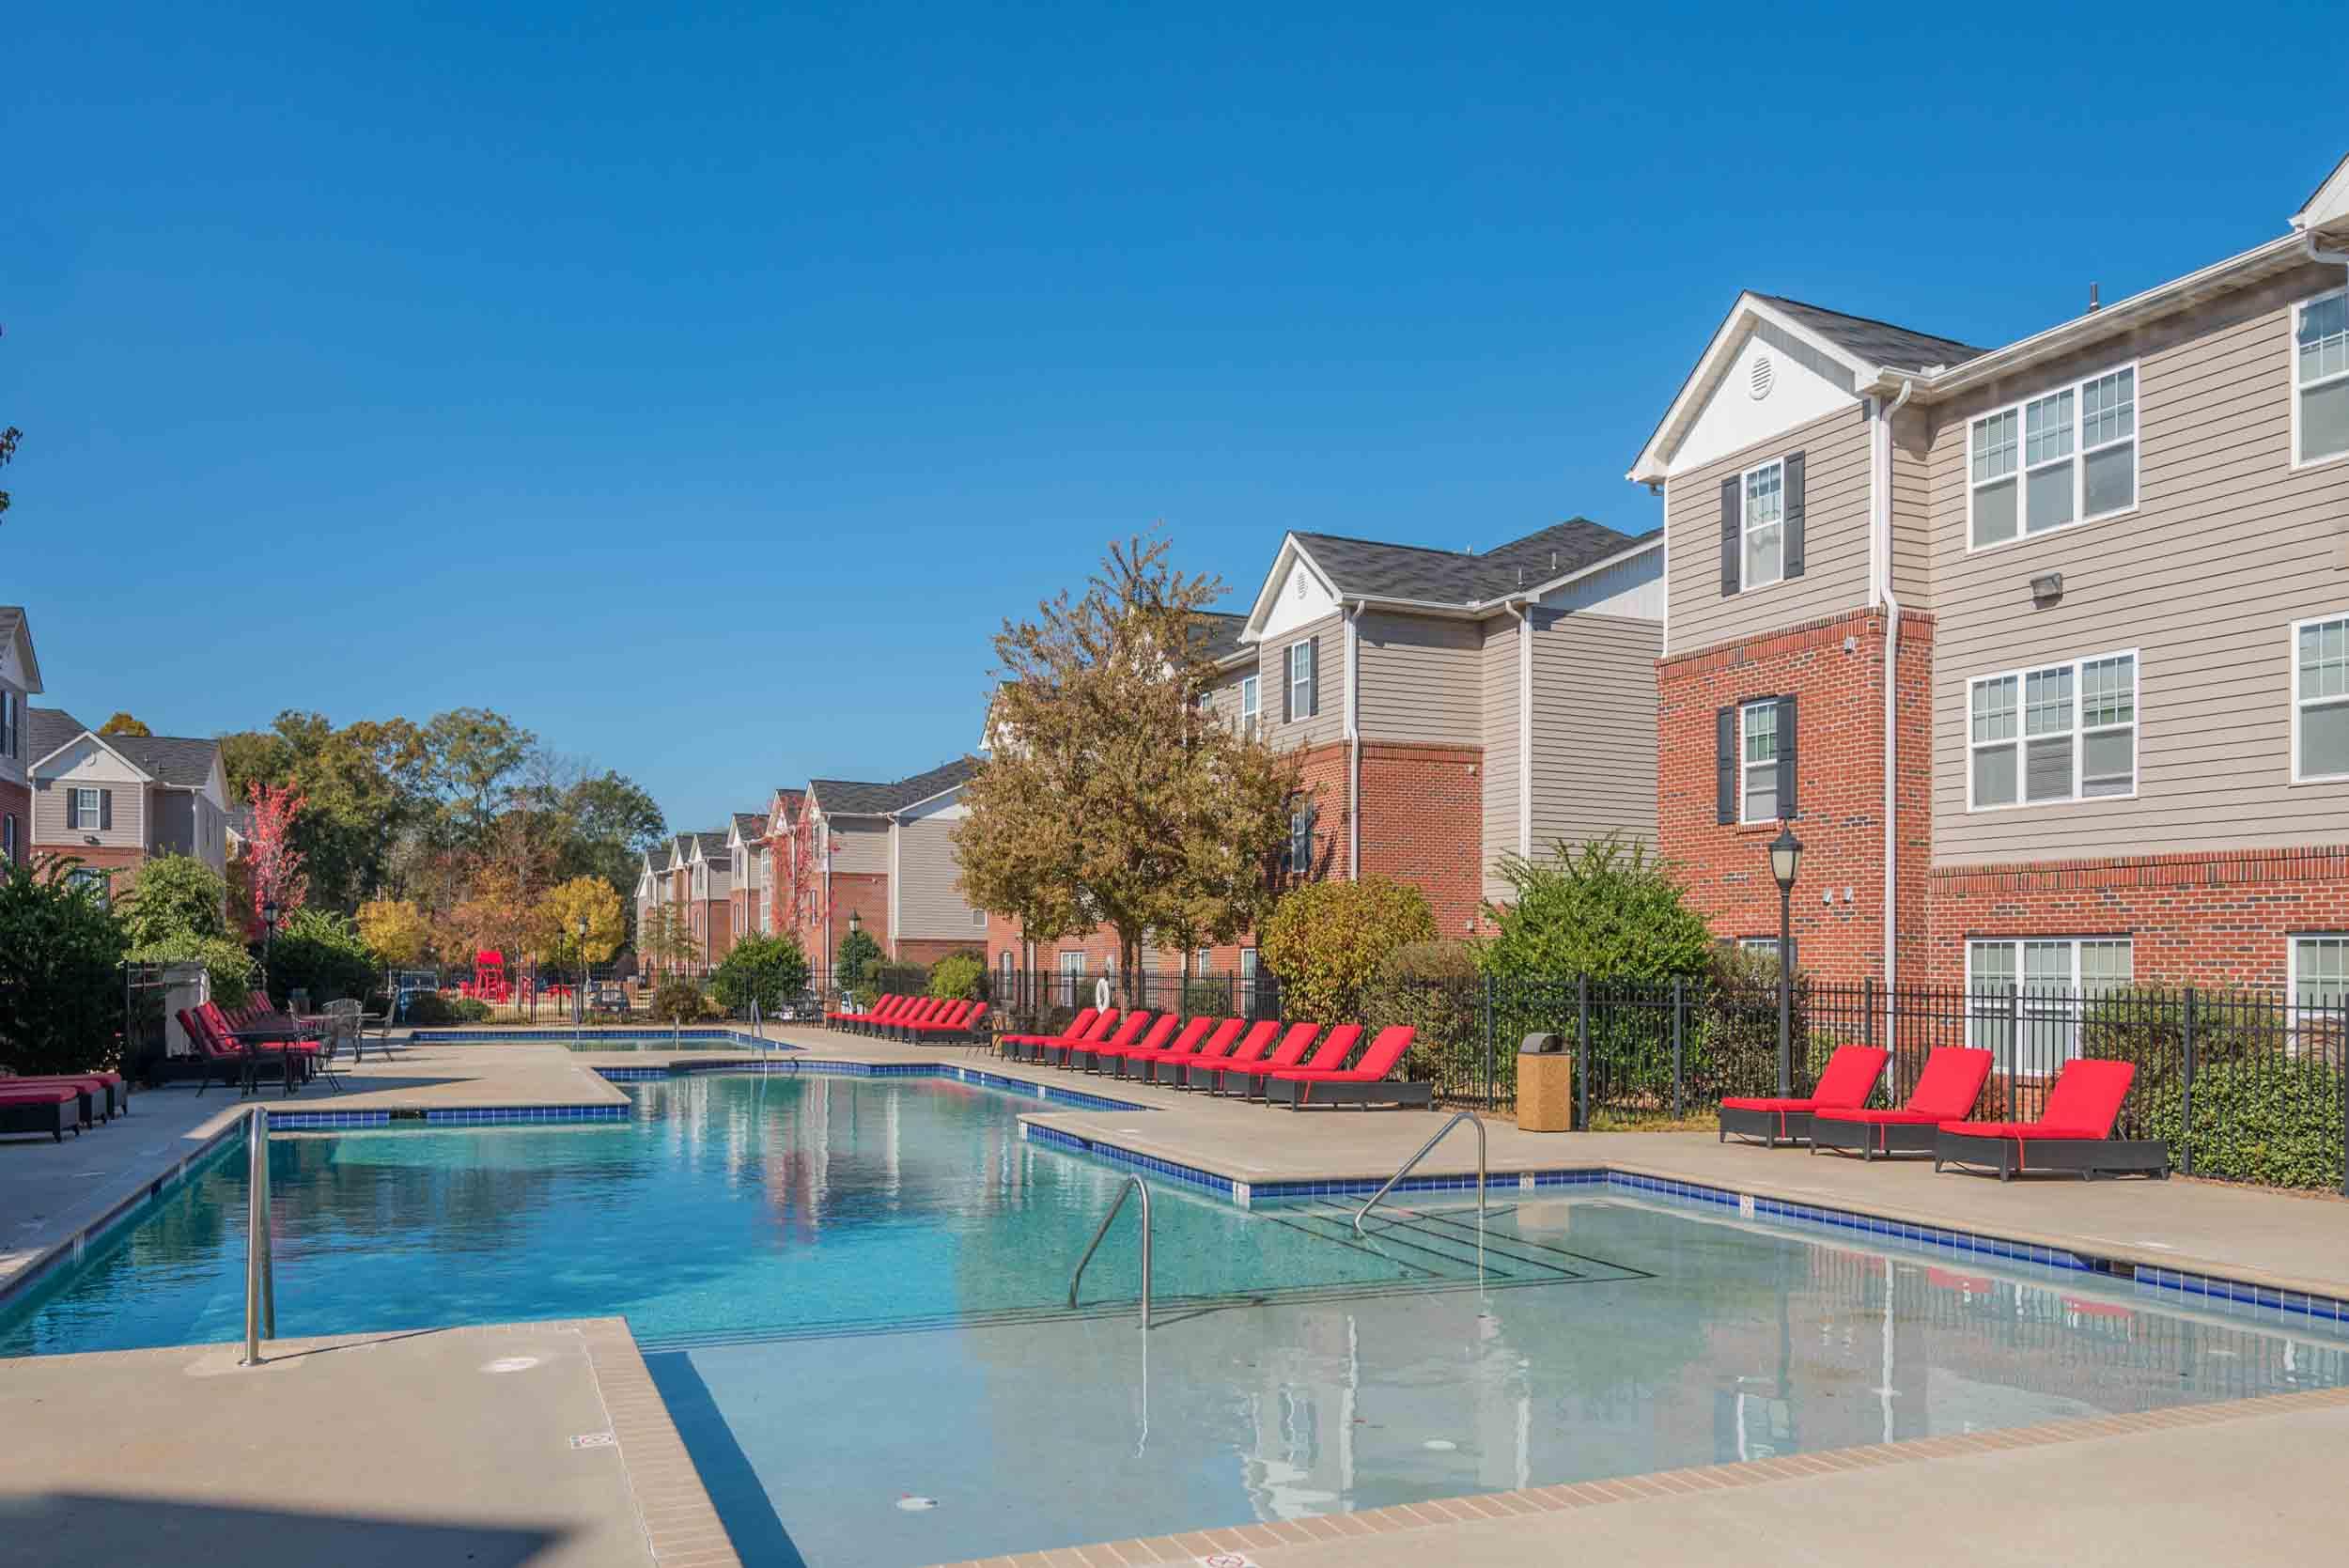 Luxury pool for UWG students